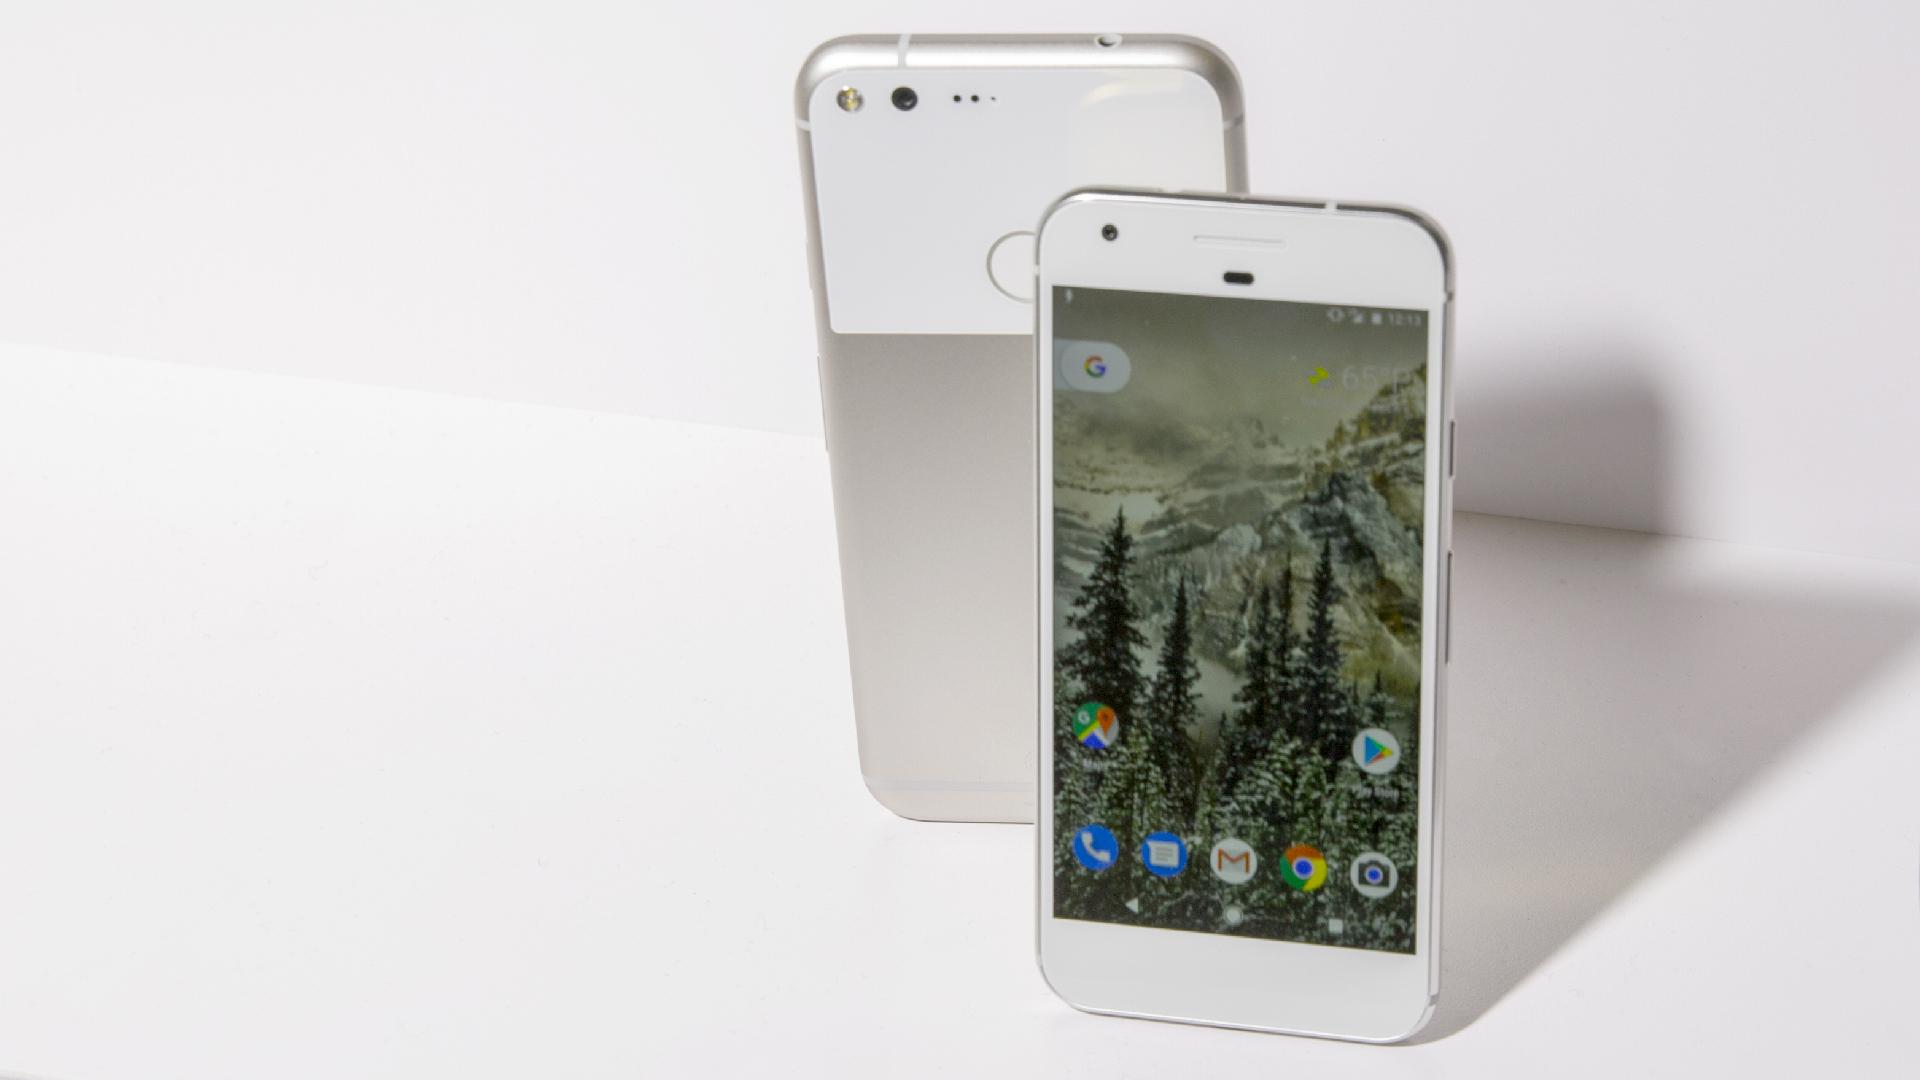 هی گوگل، پیکسل هم قیمت با آیفون است اما چرا پشتیبانی ۴ ساله نرمافزاری ندارد؟